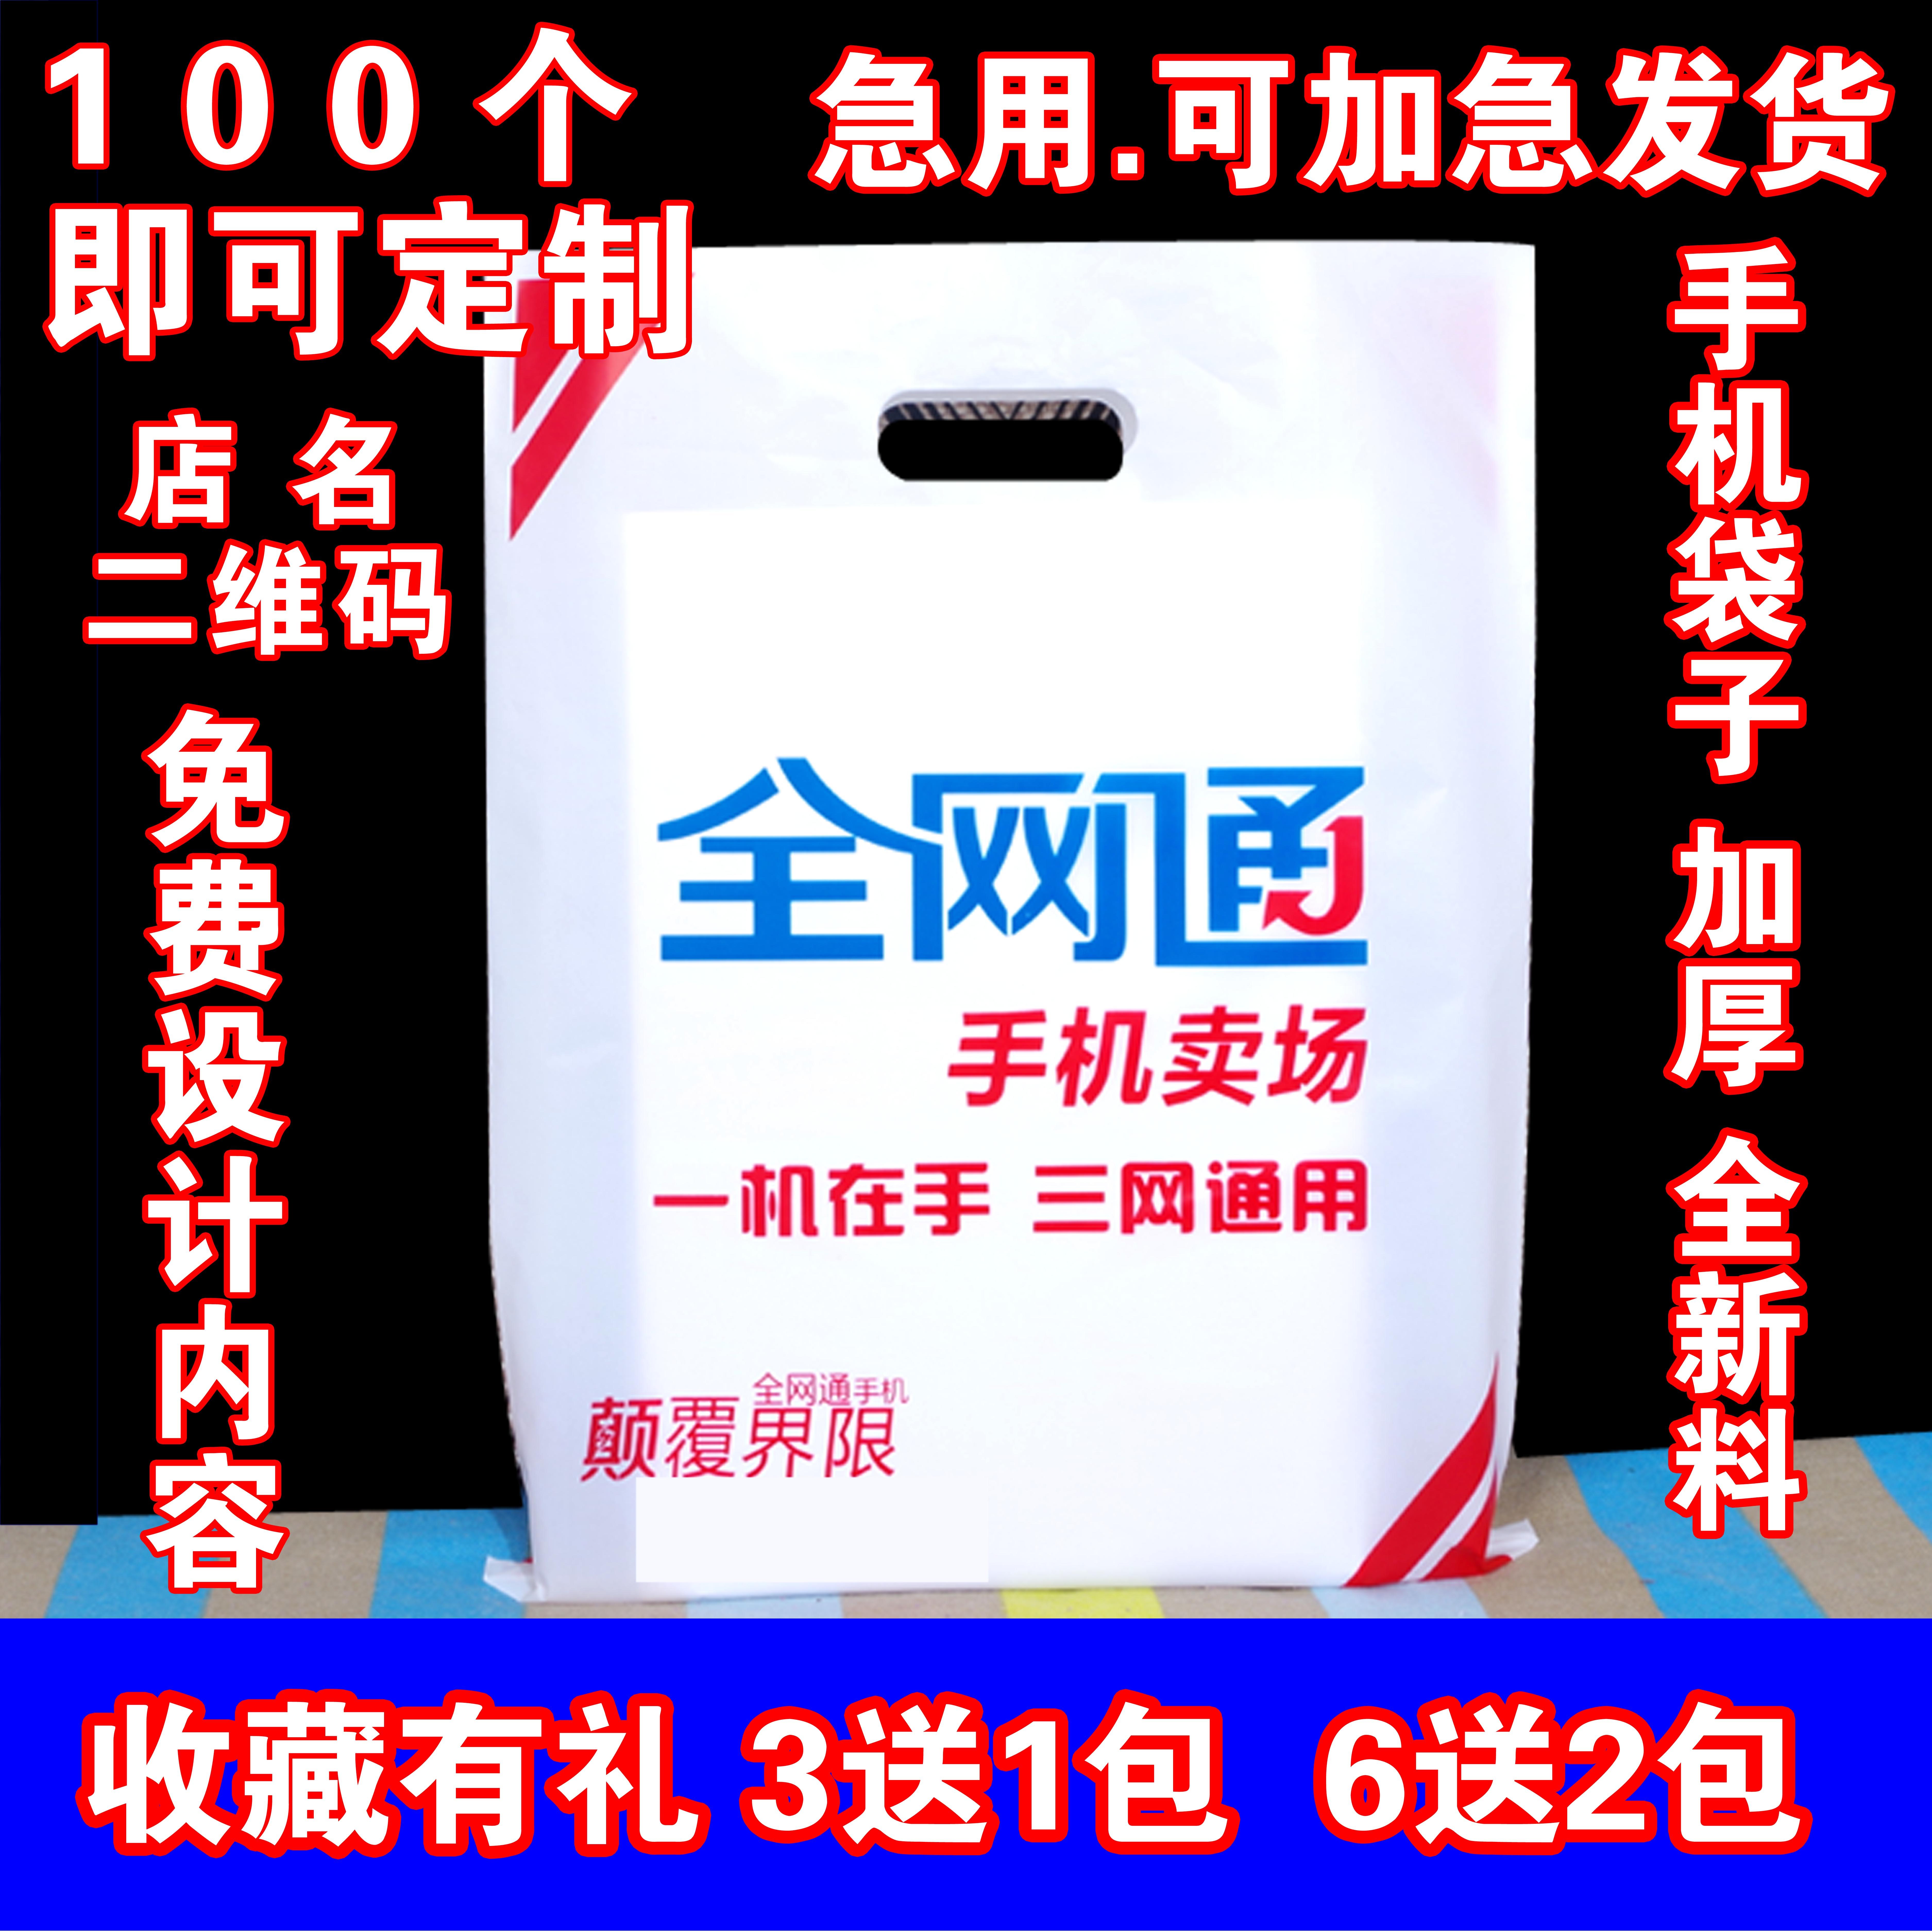 小米vivo新华为oppo移动4G塑料礼品手机店手提袋子定做印店名批发